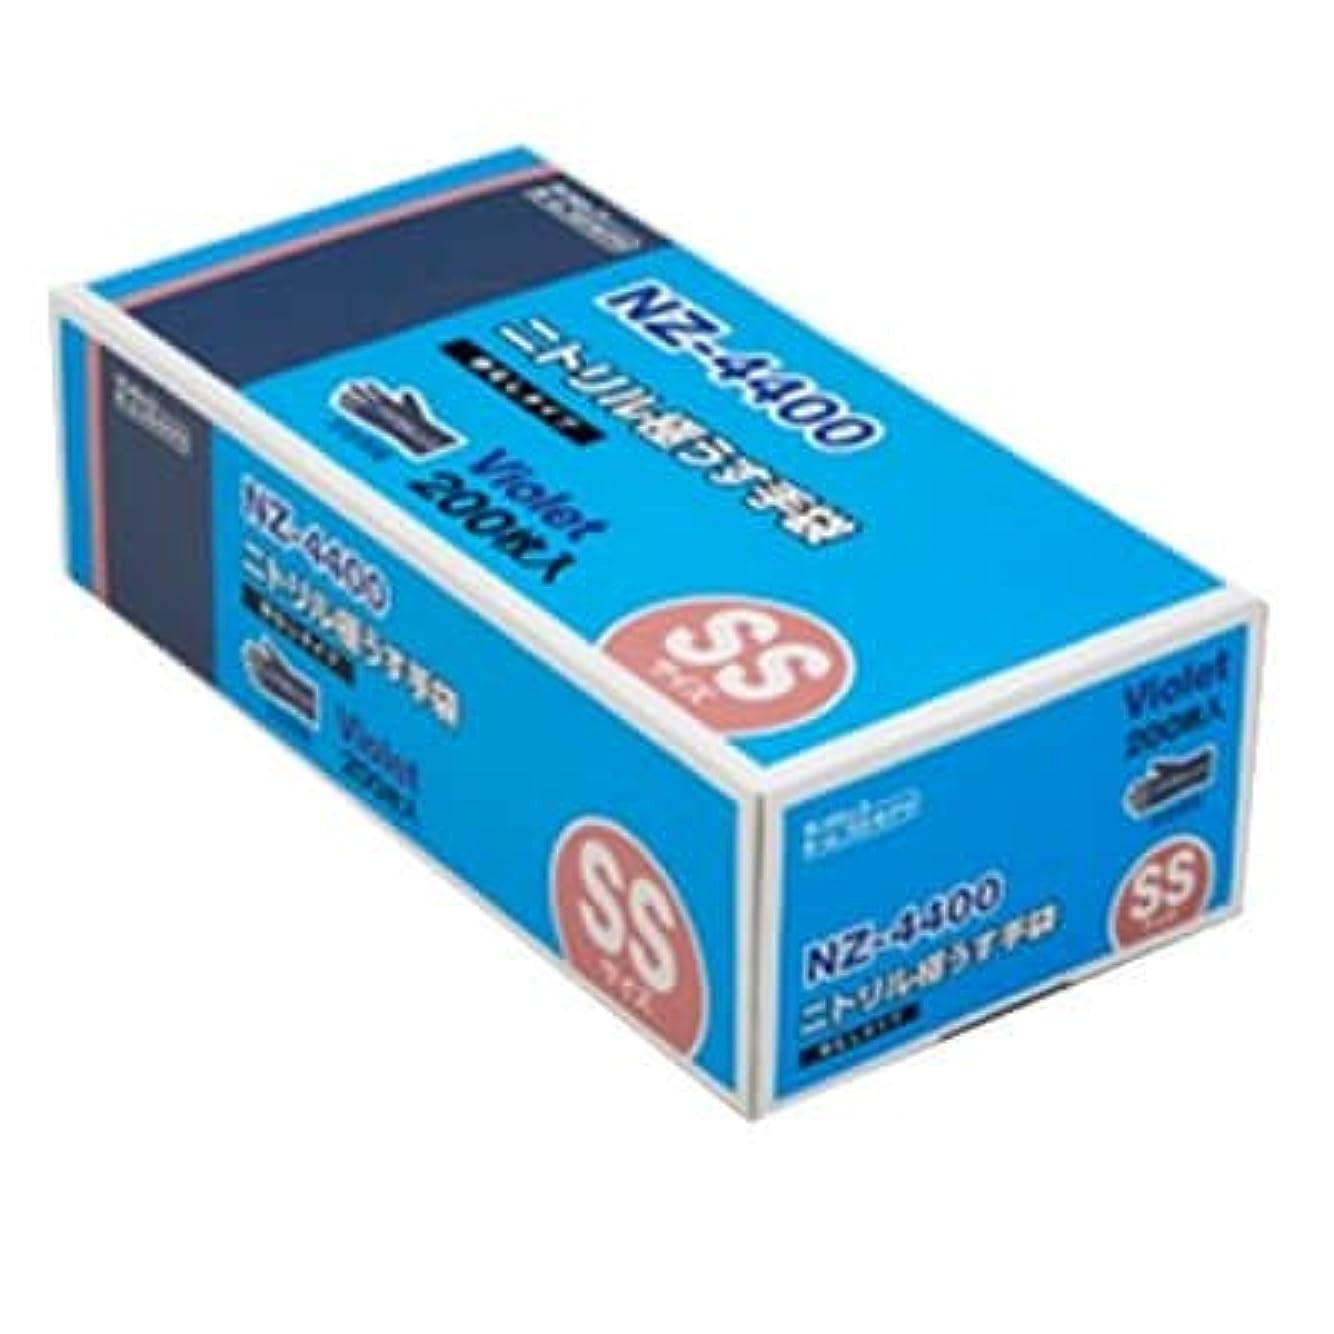 耐えられる除去甘くする【ケース販売】 ダンロップ ニトリル極うす手袋 粉無 SS バイオレット NZ4400 (200枚入×15箱)